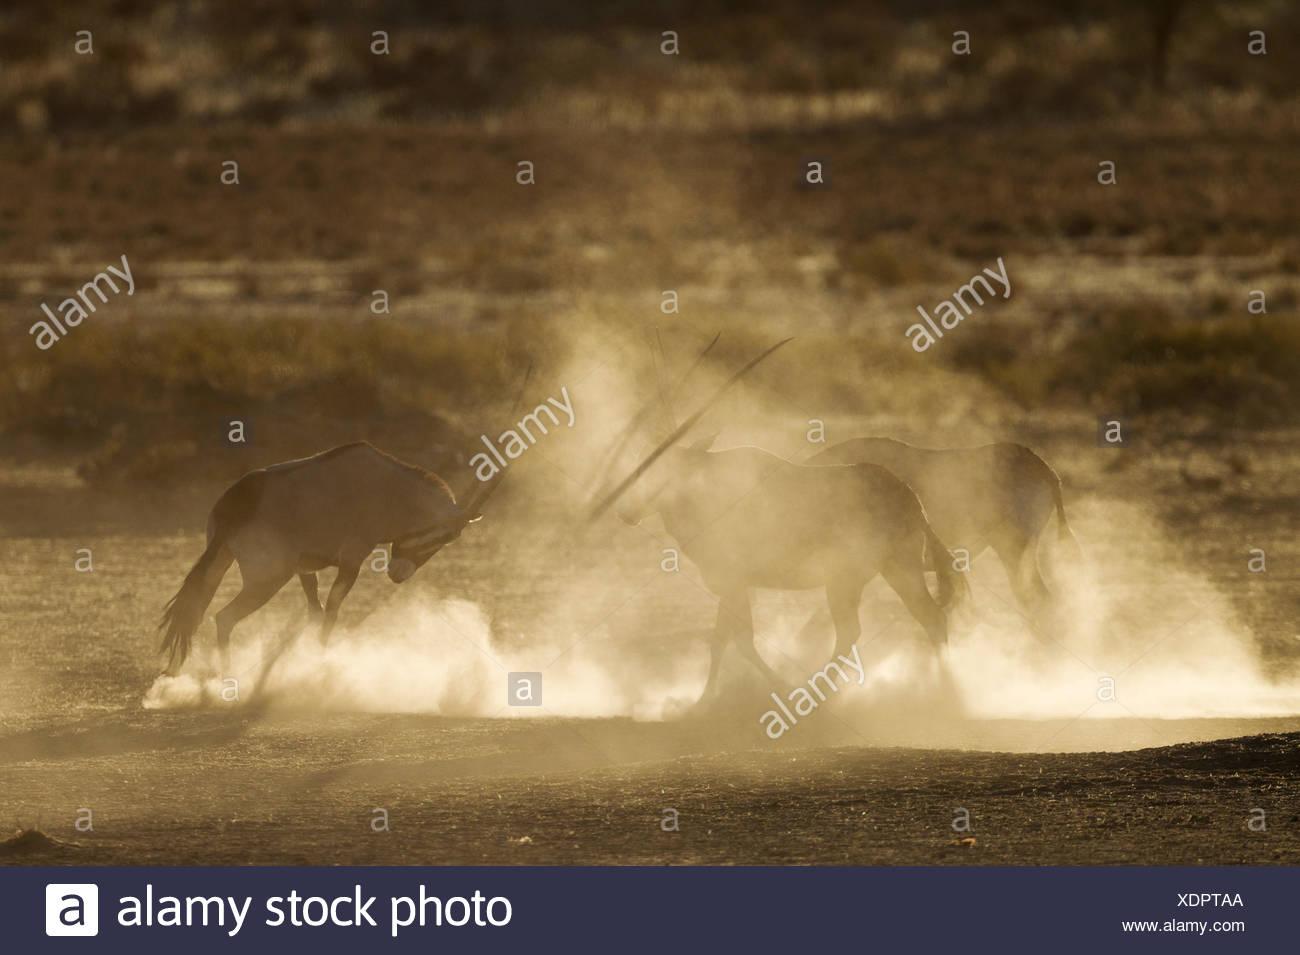 Gemsboks (Oryx gazella), nervioso y levantando un montón de polvo en las primeras horas de la mañana, el desierto de Kalahari, el parque transfronterizo Kgalagadi Imagen De Stock